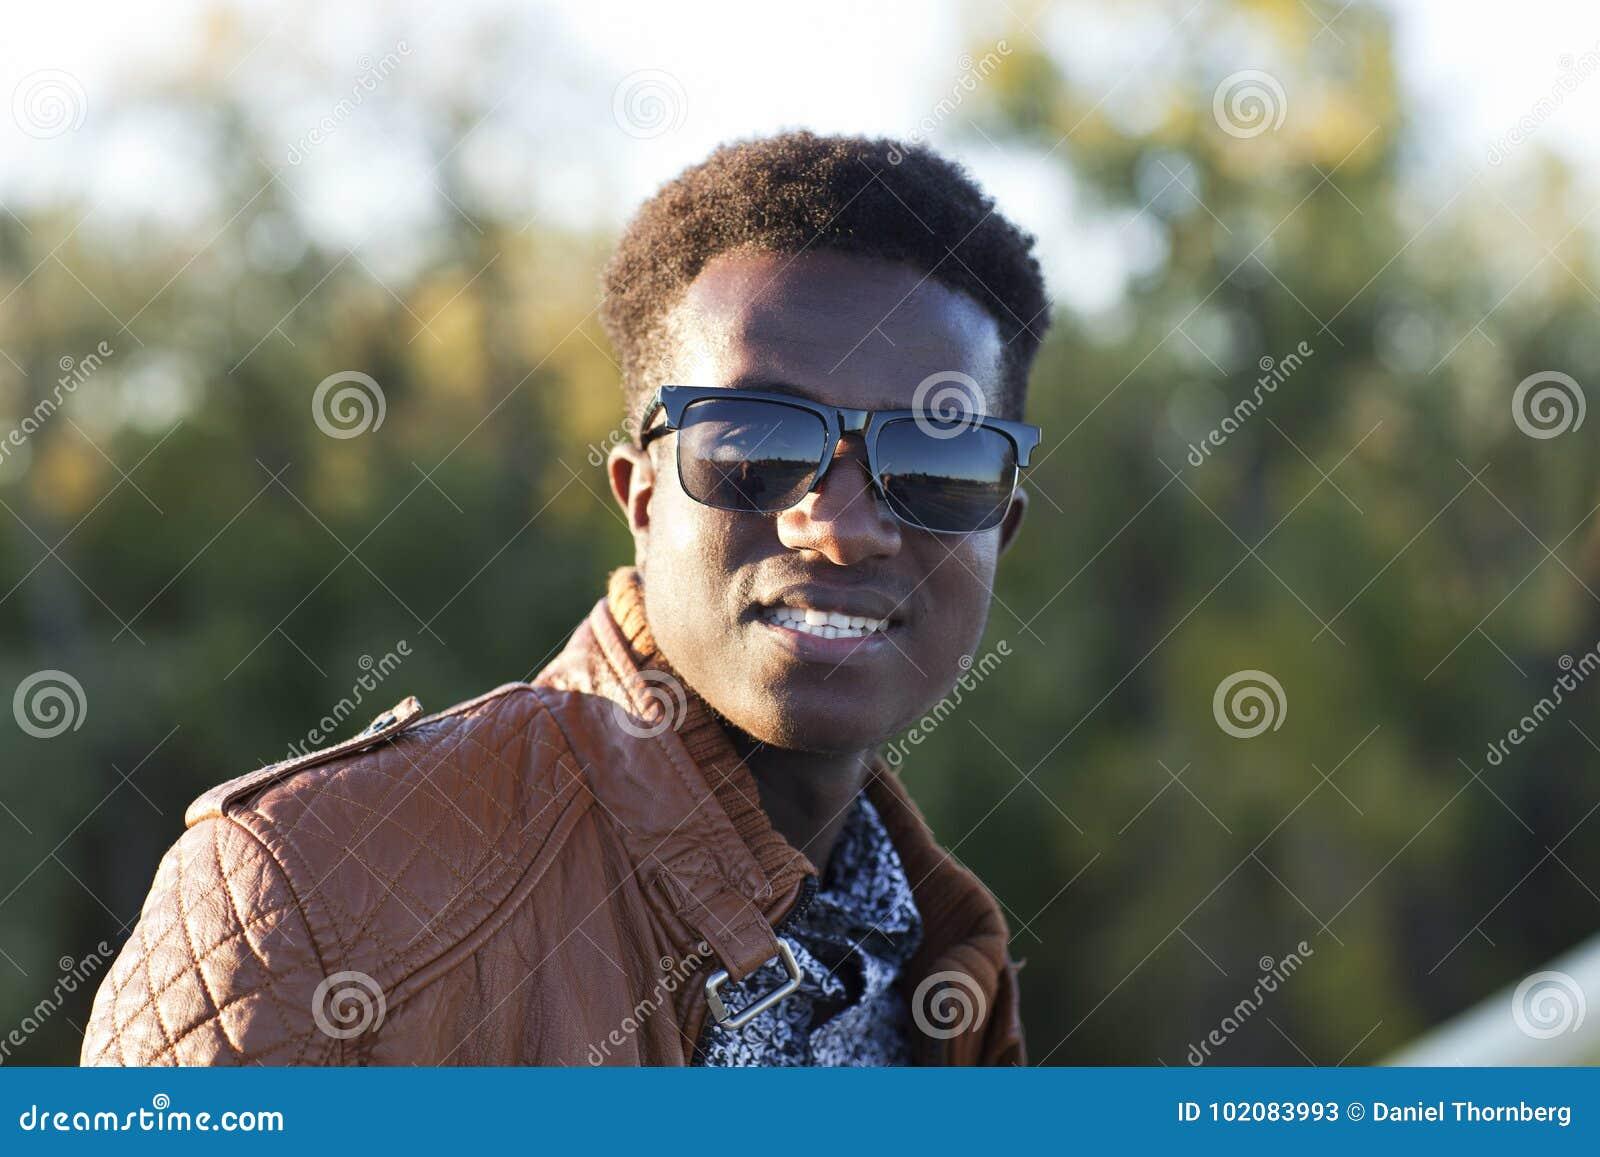 Negro Sol Gafas Una Hombre En Joven Chaqueta Cuero De Hermoso Y xhdrCtsQ